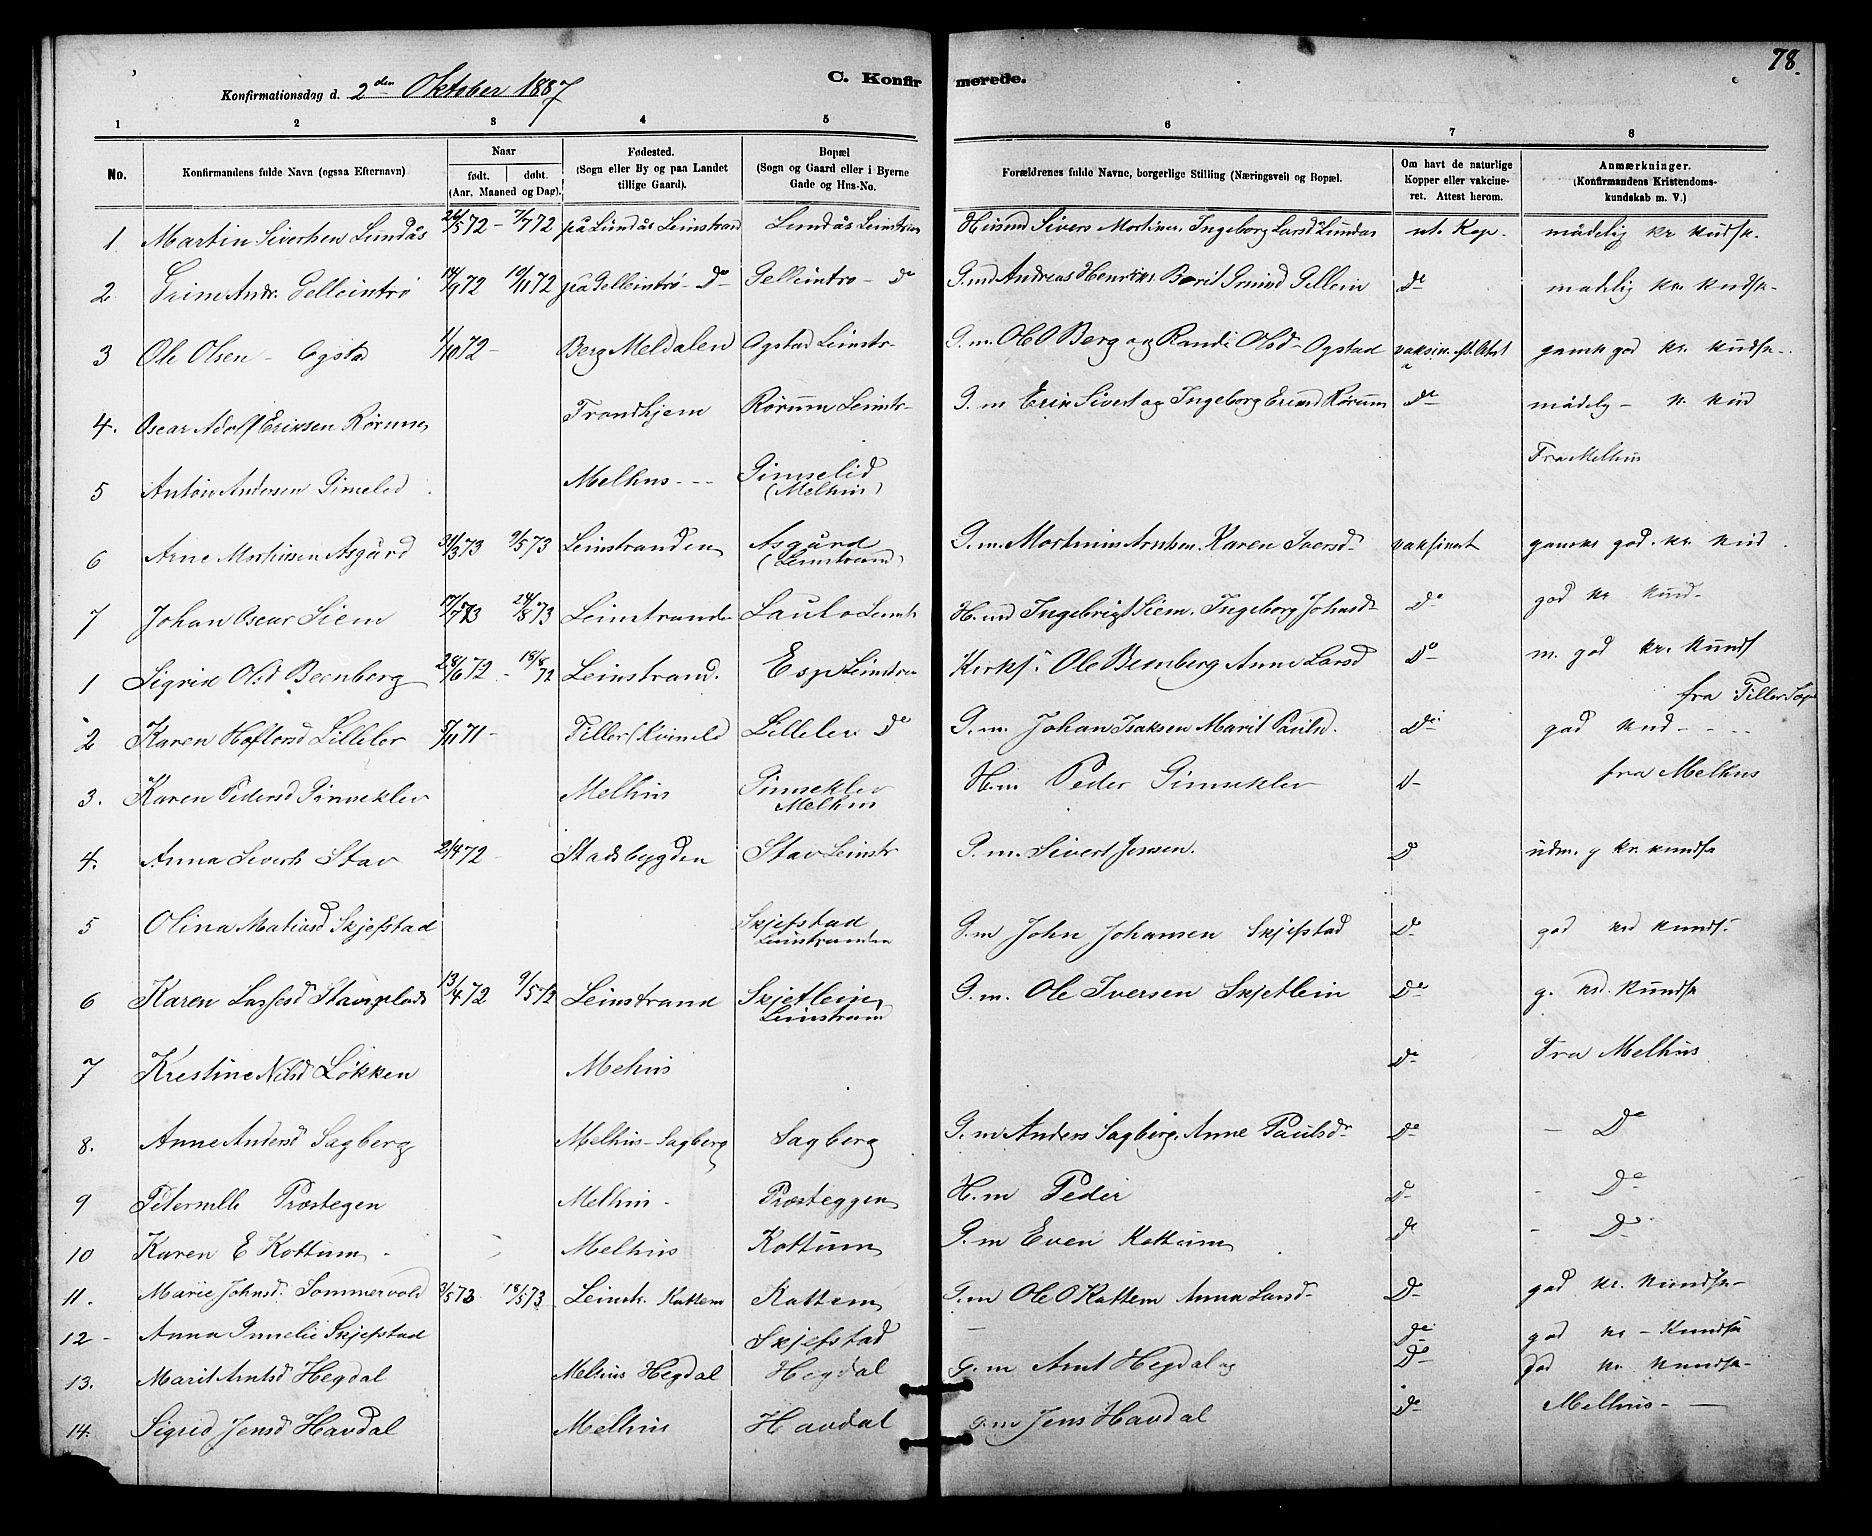 SAT, Ministerialprotokoller, klokkerbøker og fødselsregistre - Sør-Trøndelag, 613/L0395: Klokkerbok nr. 613C03, 1887-1909, s. 78